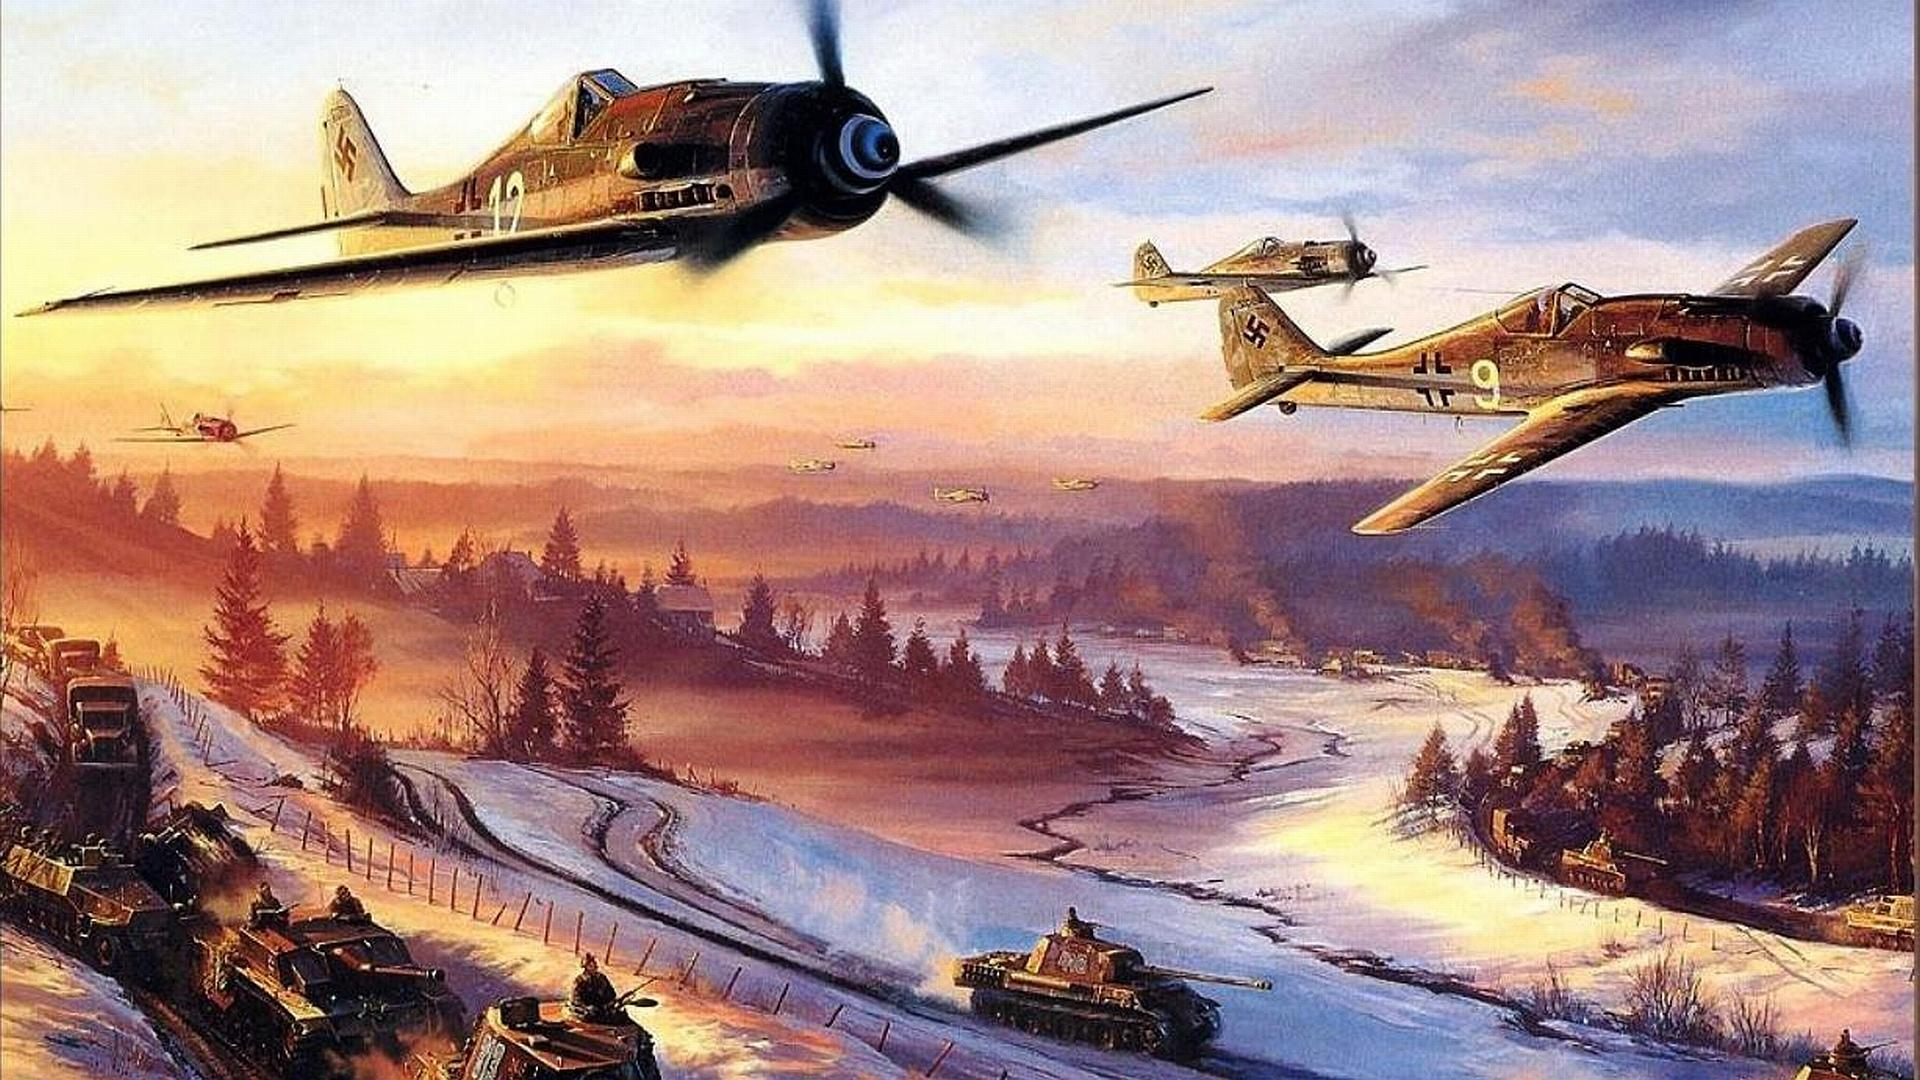 190 Vertical Wallpaper Hd: Focke-Wulf Fw 190 Wallpaper HD Download